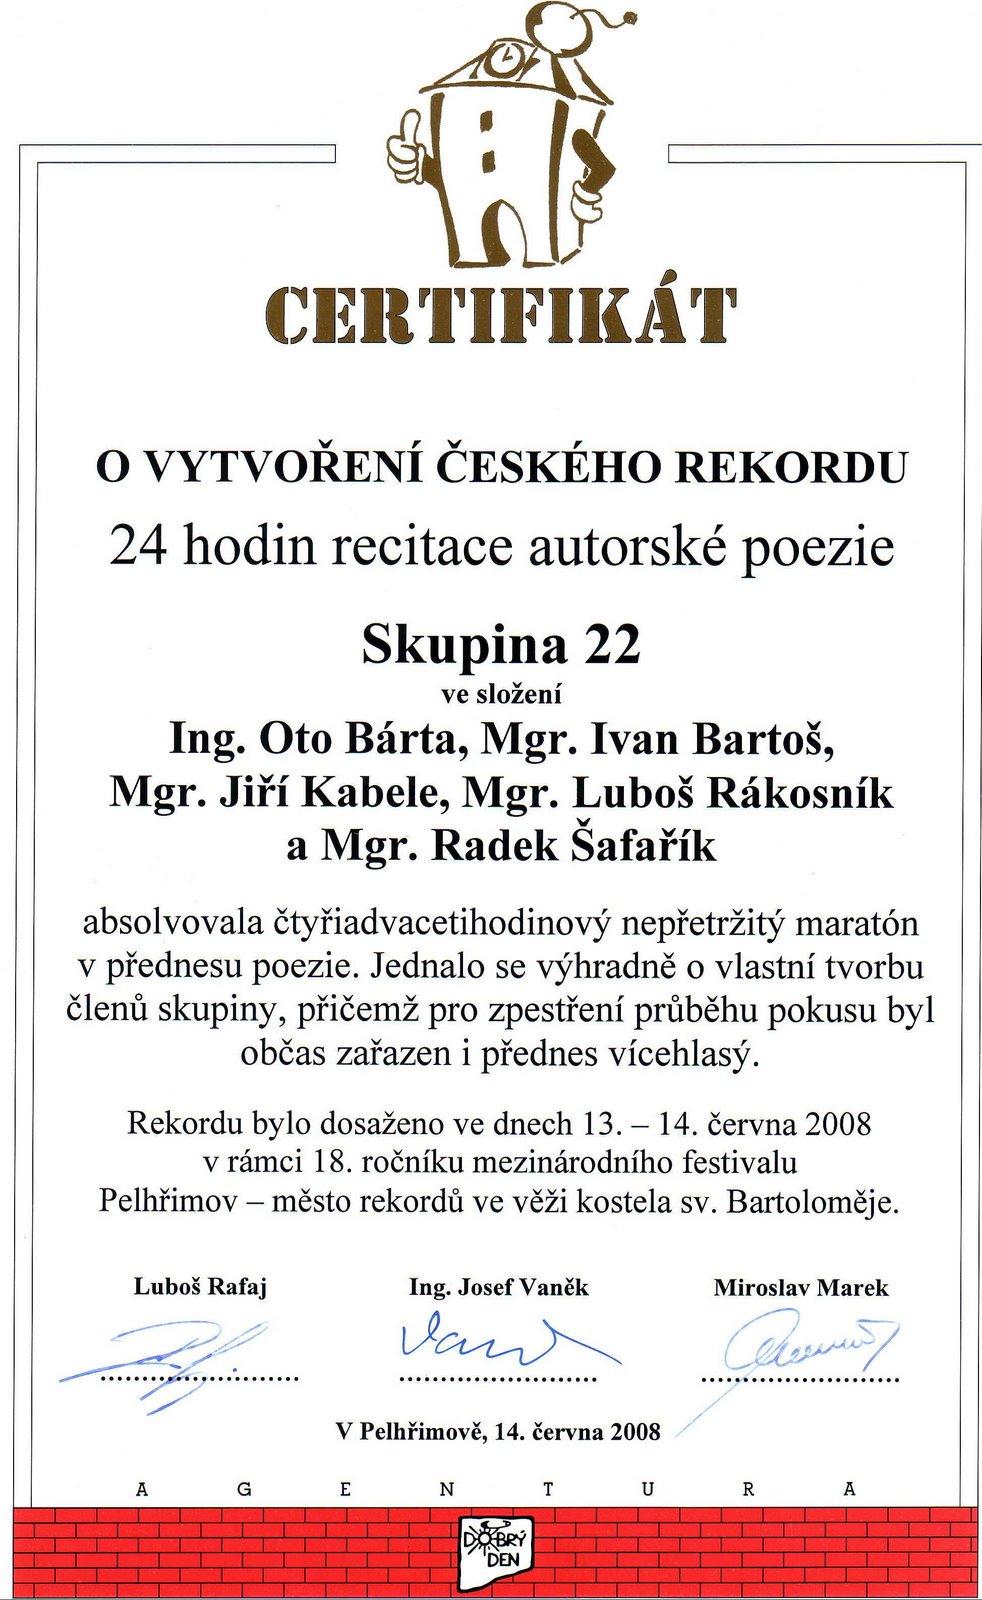 [Certifikat_PE_2008.jpg]